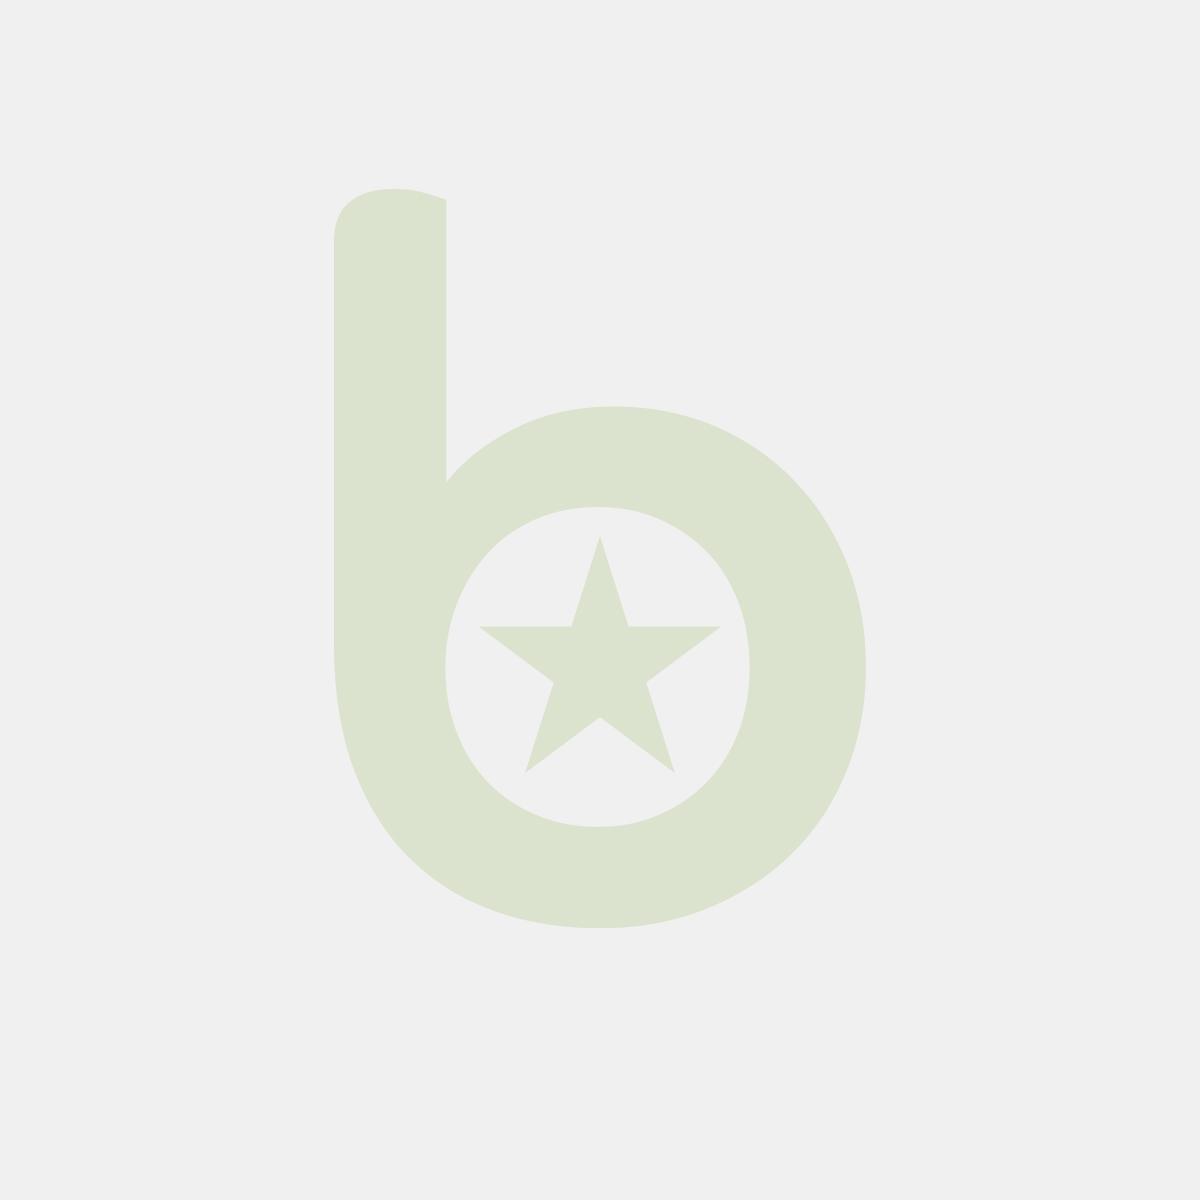 FINGERFOOD - kubek KUBIK 60ml transparentny 4 x 4 x h 5,5cm op. 50 sztuk